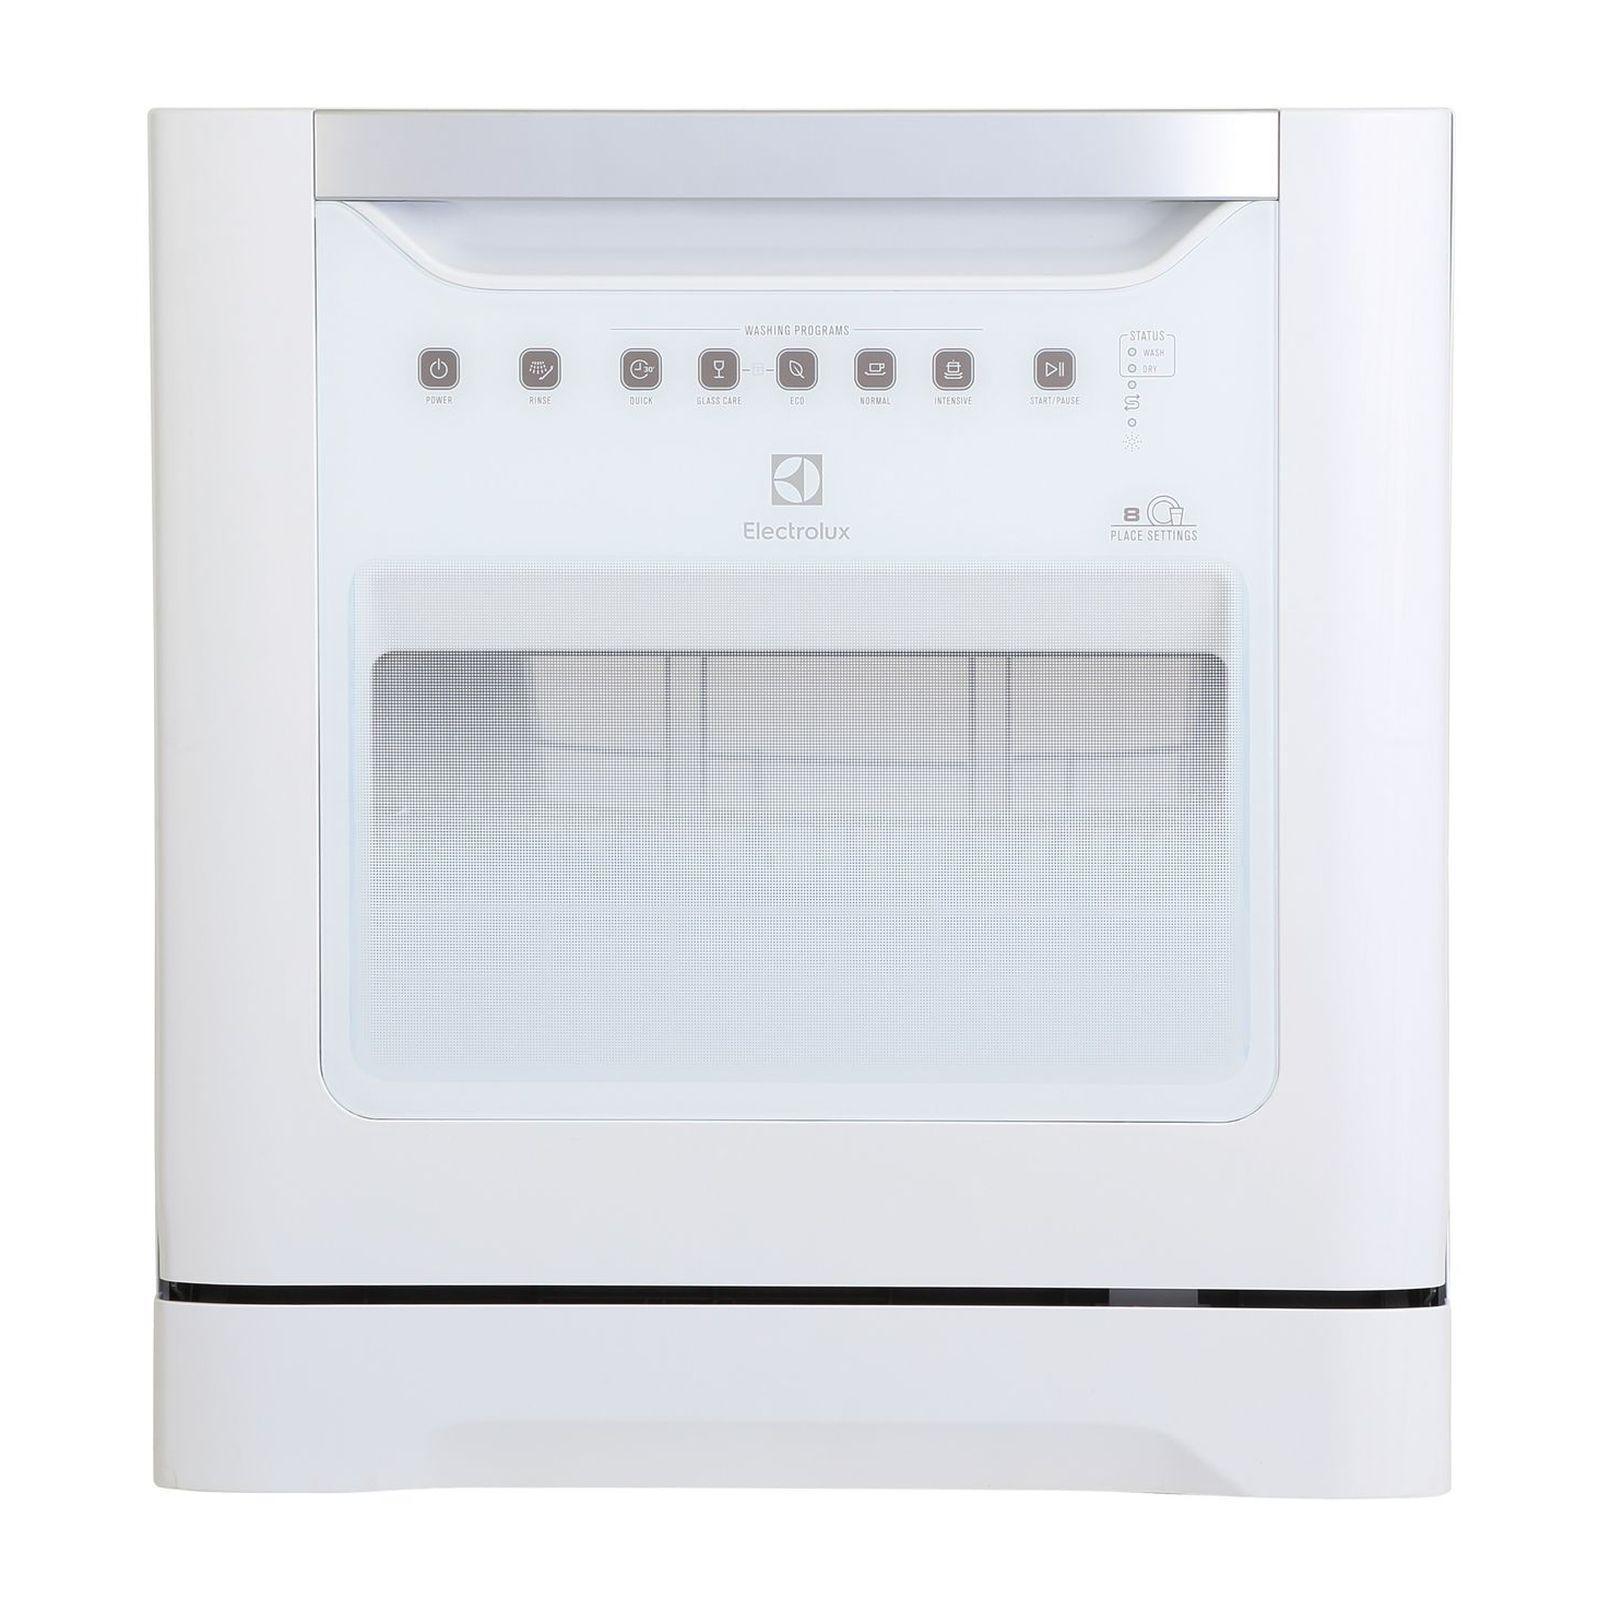 Hình ảnh Máy Rửa Chén độc lập ESF6010BW